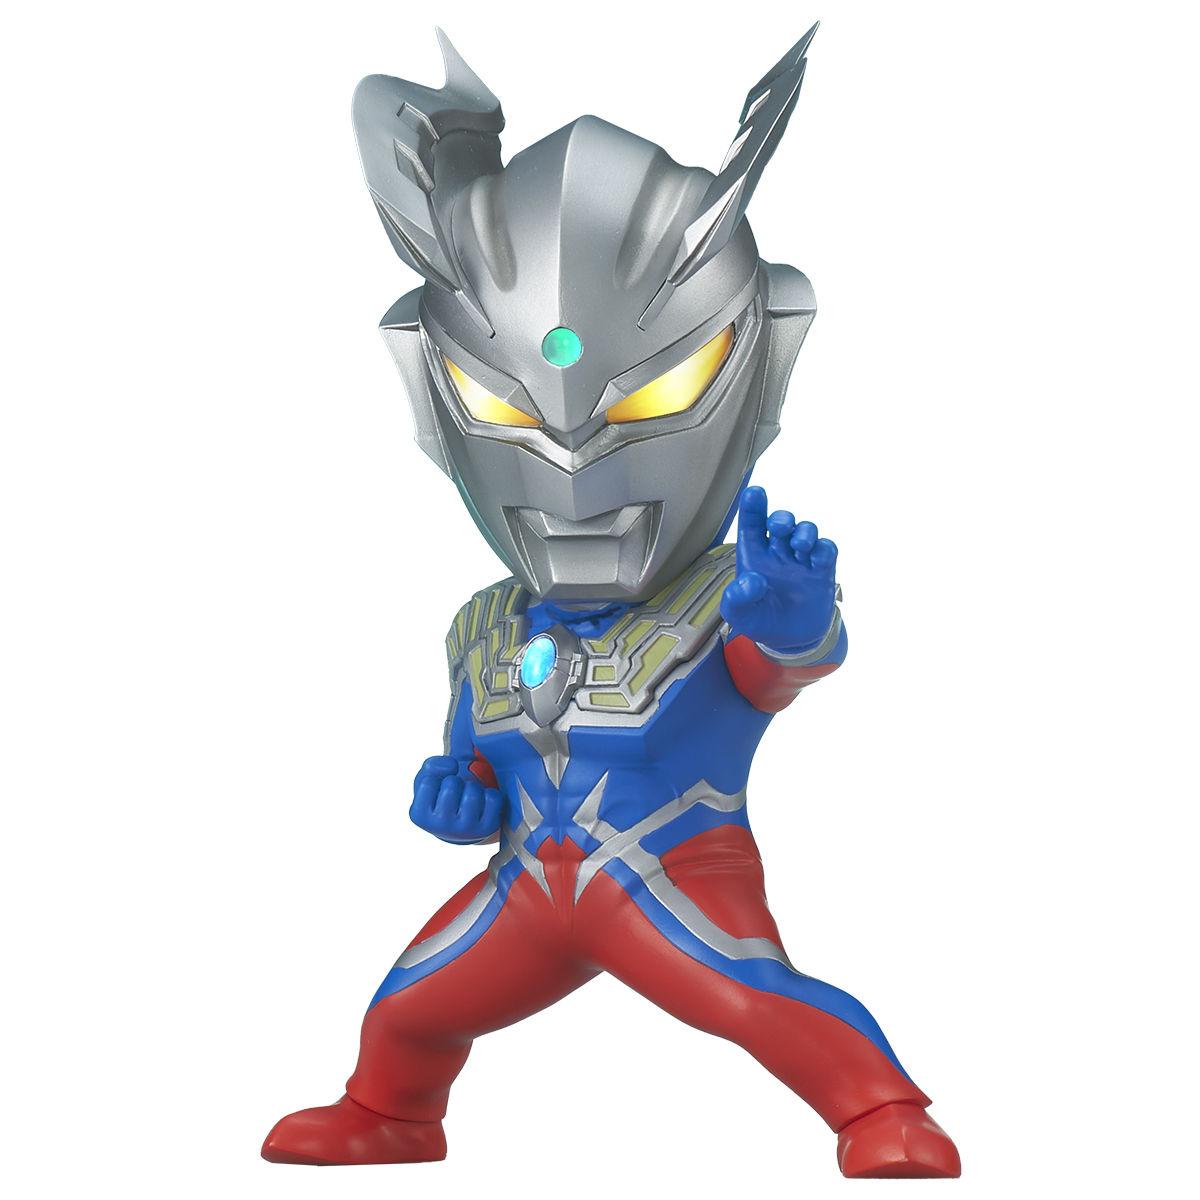 【限定販売】デフォリアル『ウルトラマンゼロ』大怪獣バトル ウルトラ銀河伝説 デフォルメフィギュア-001